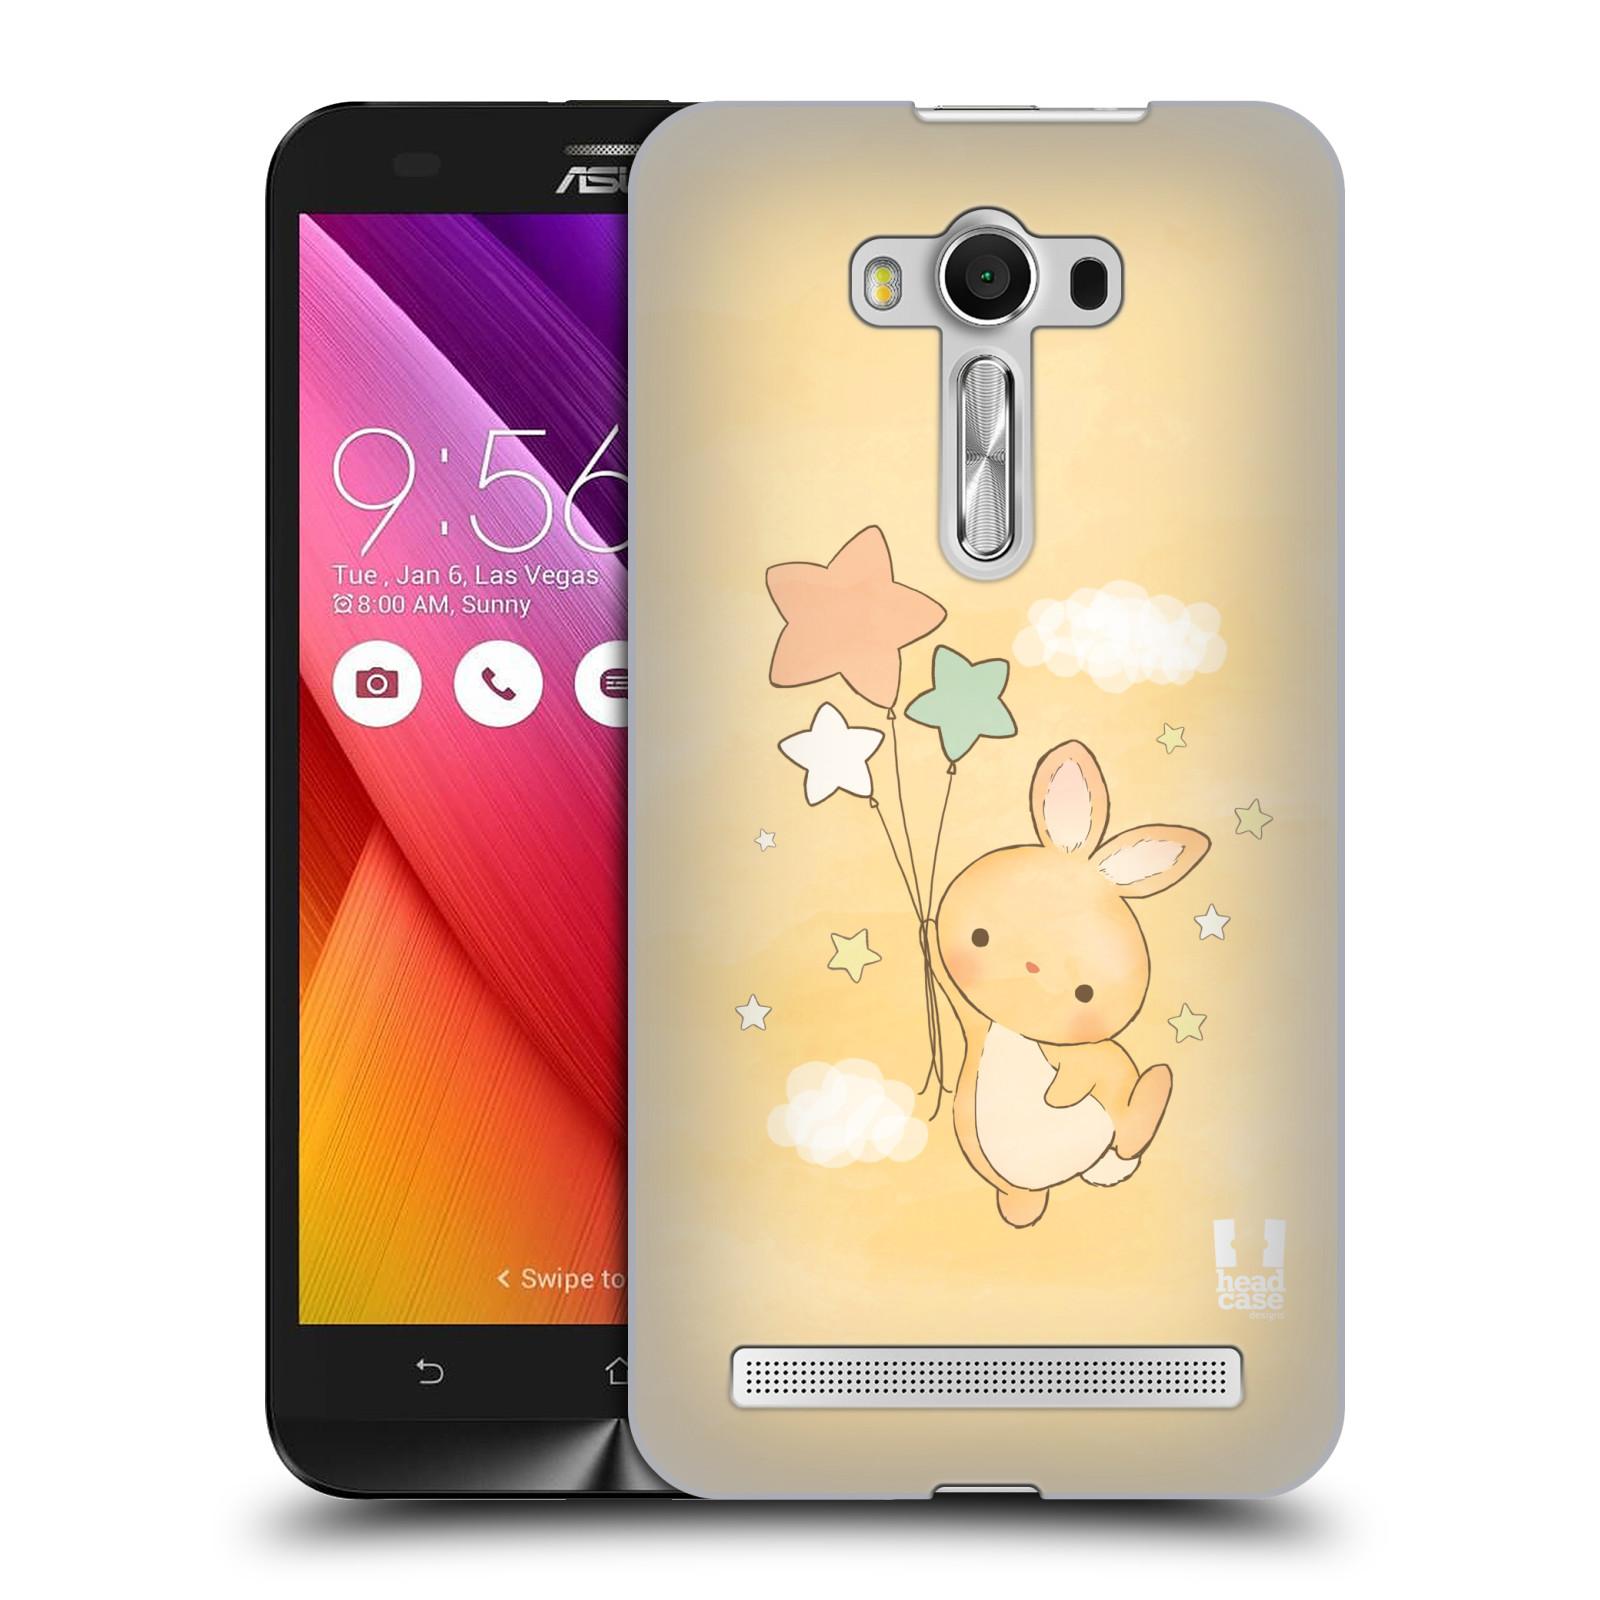 HEAD CASE plastový obal na mobil Asus Zenfone 2 LASER (5,5 displej ZE550KL) vzor králíček a hvězdy žlutá